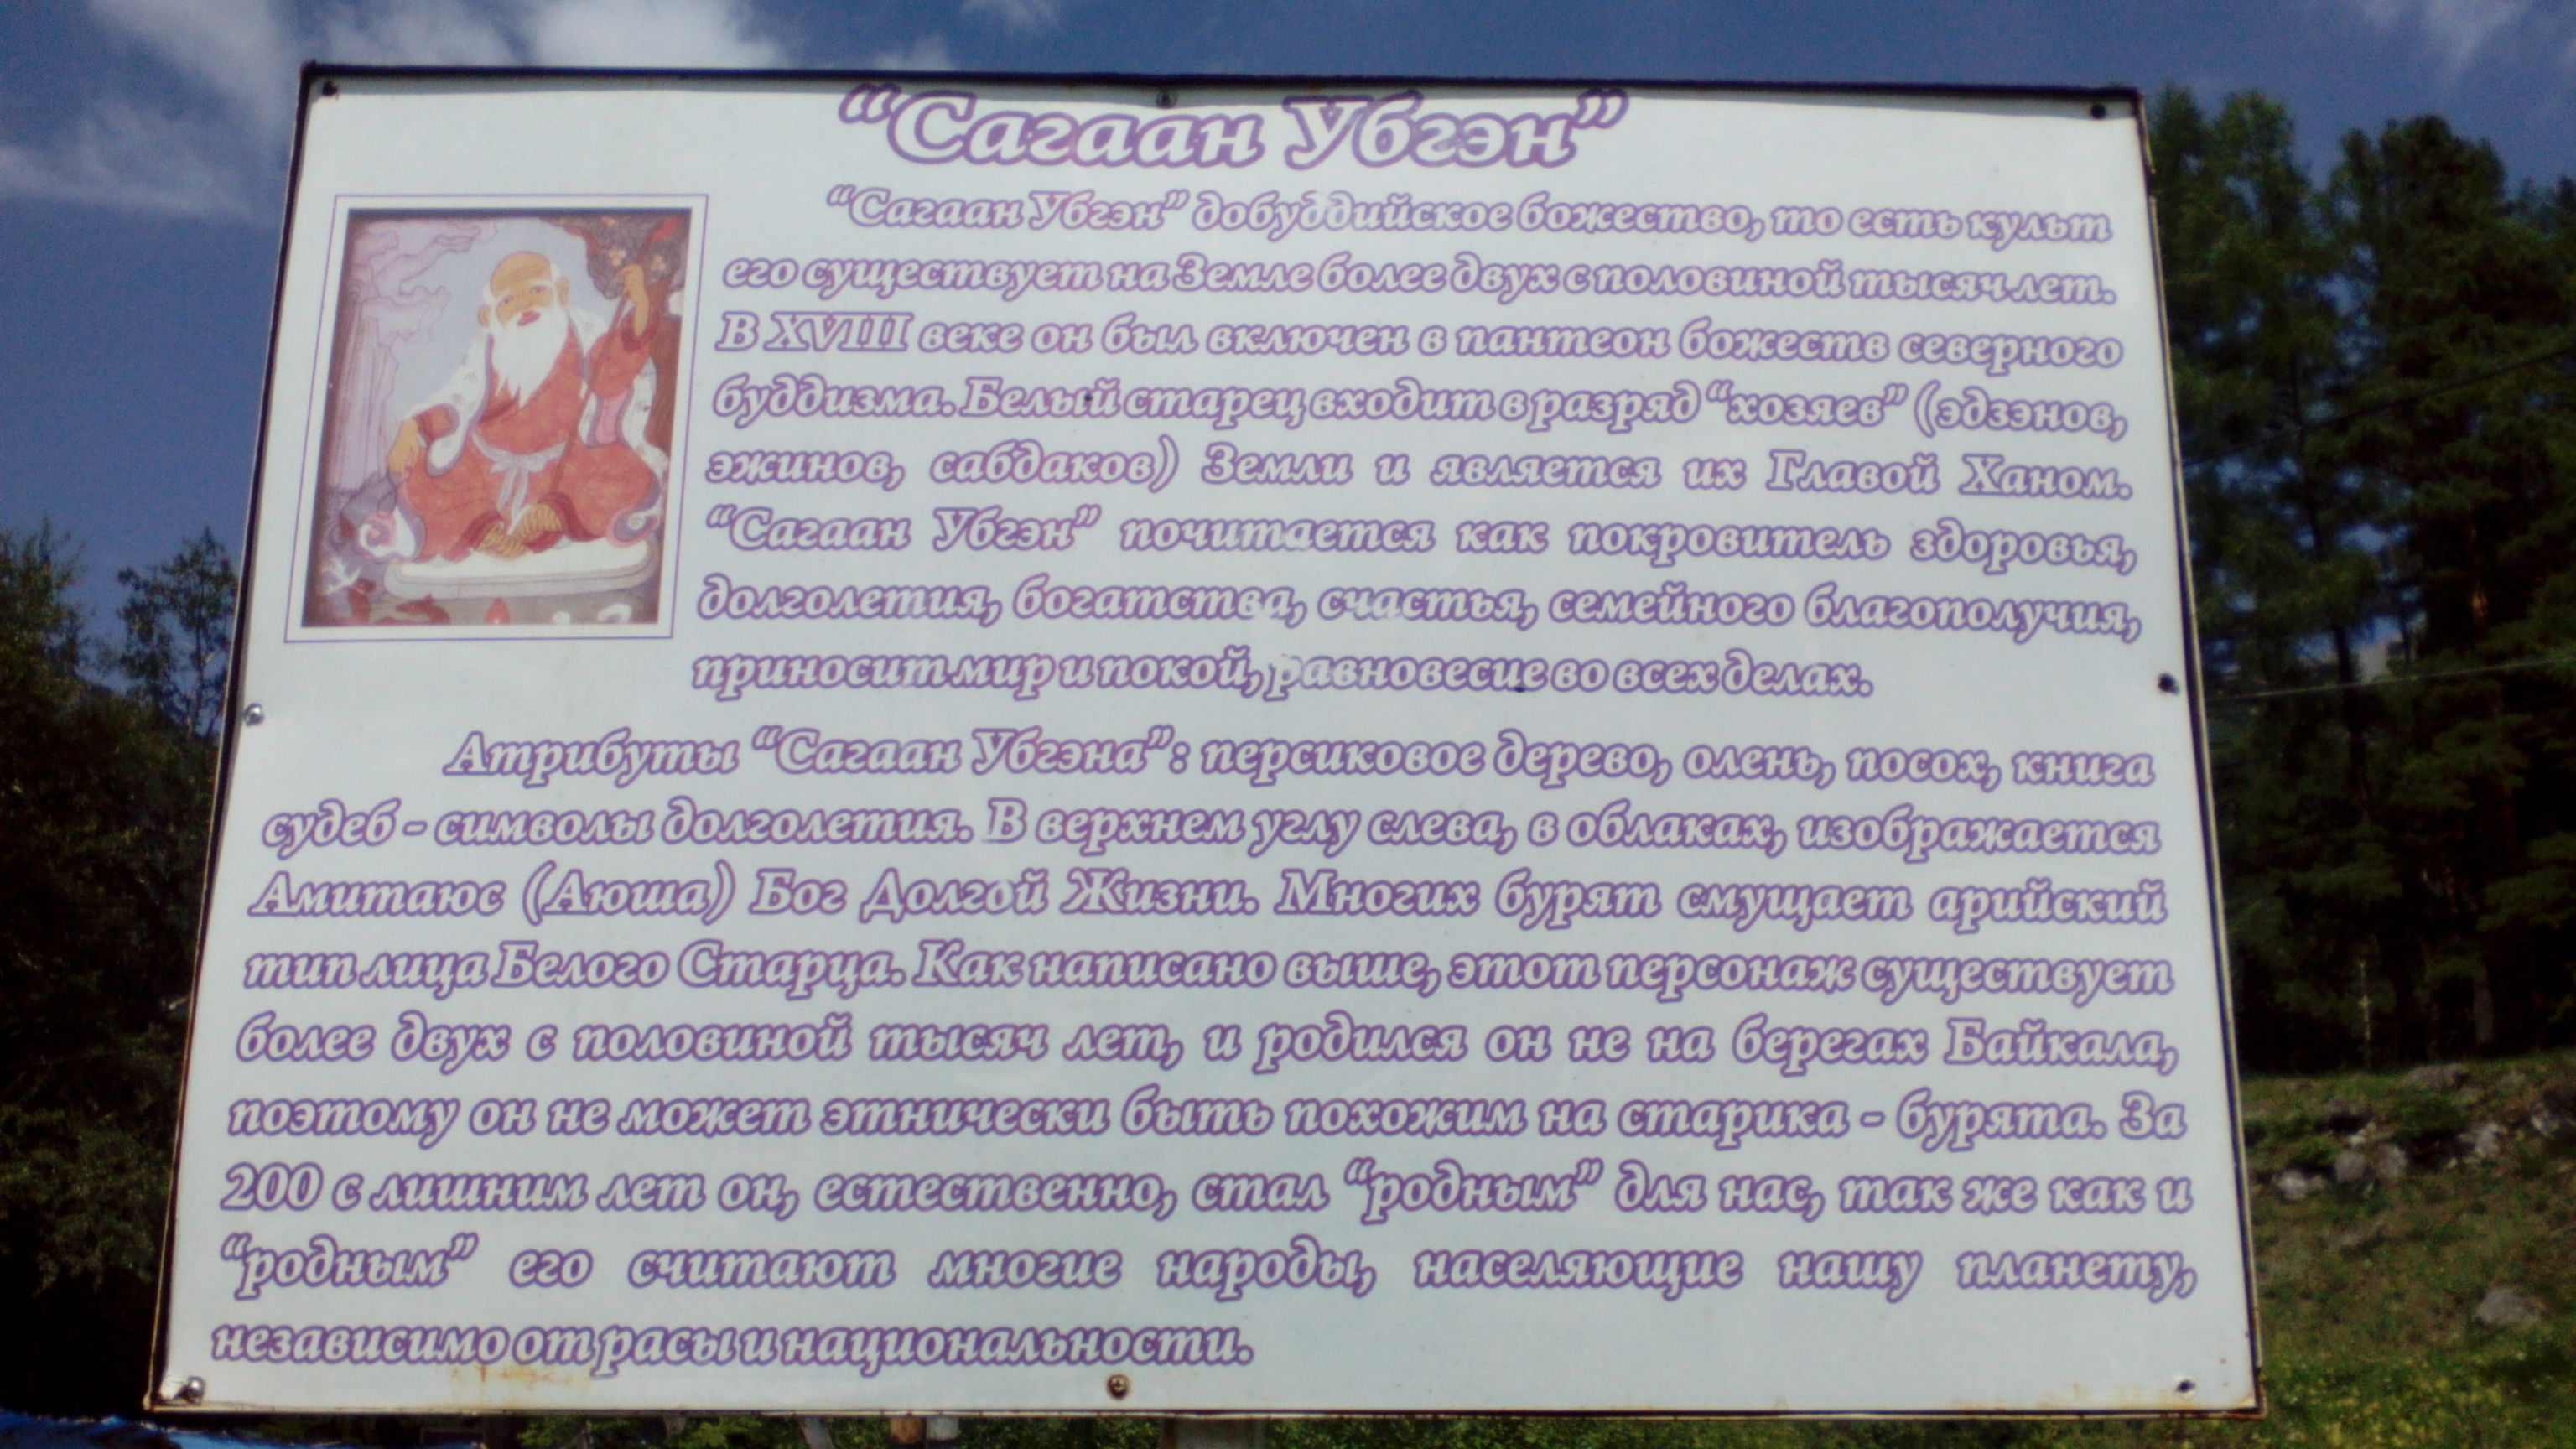 Буддийские наставления. Фото из архива блога shveda.ru